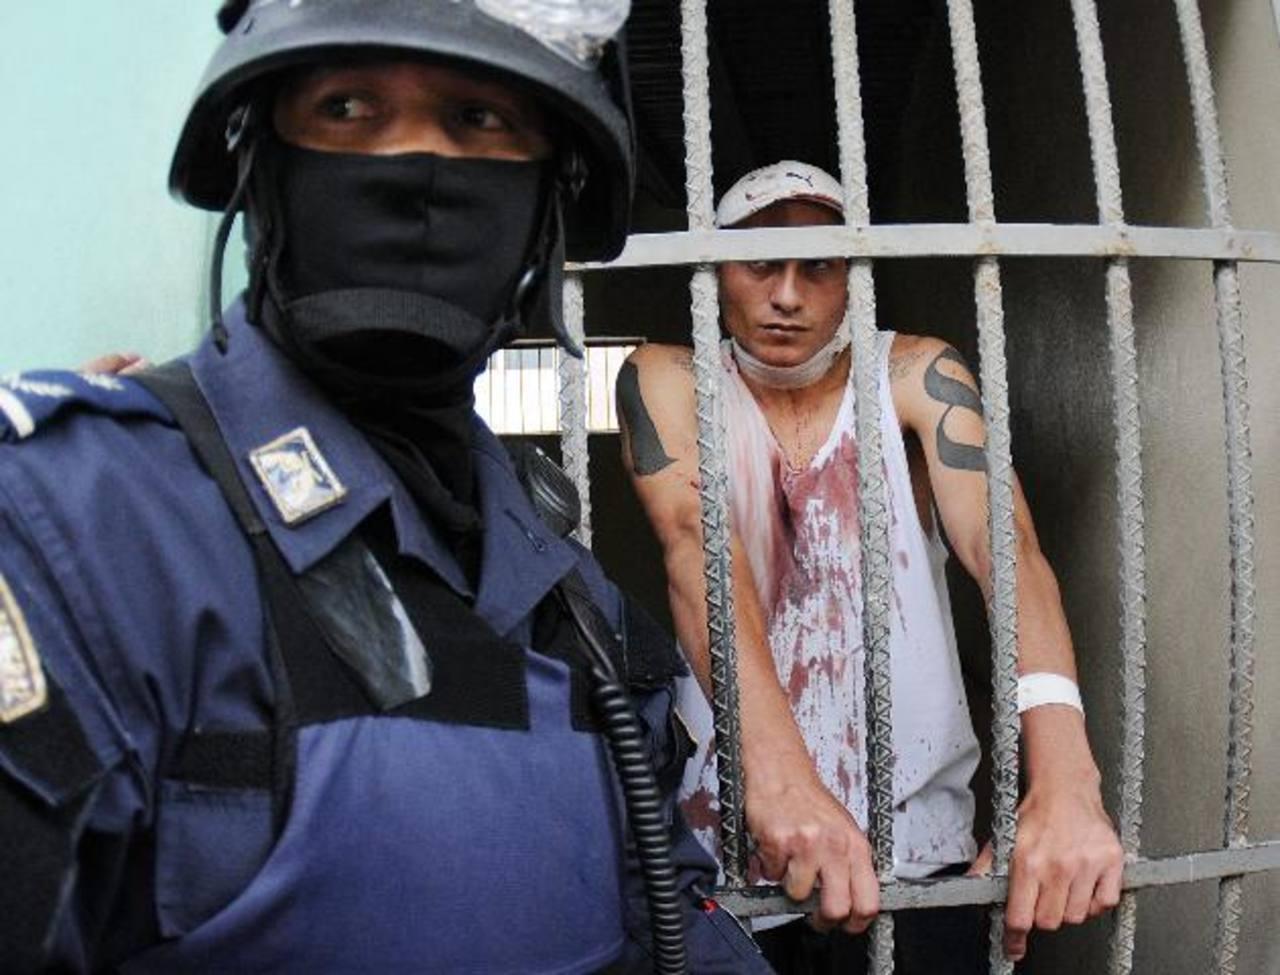 Un policía custodia a un prisionero herido en una celda del Hospital Escuela. edh /AP